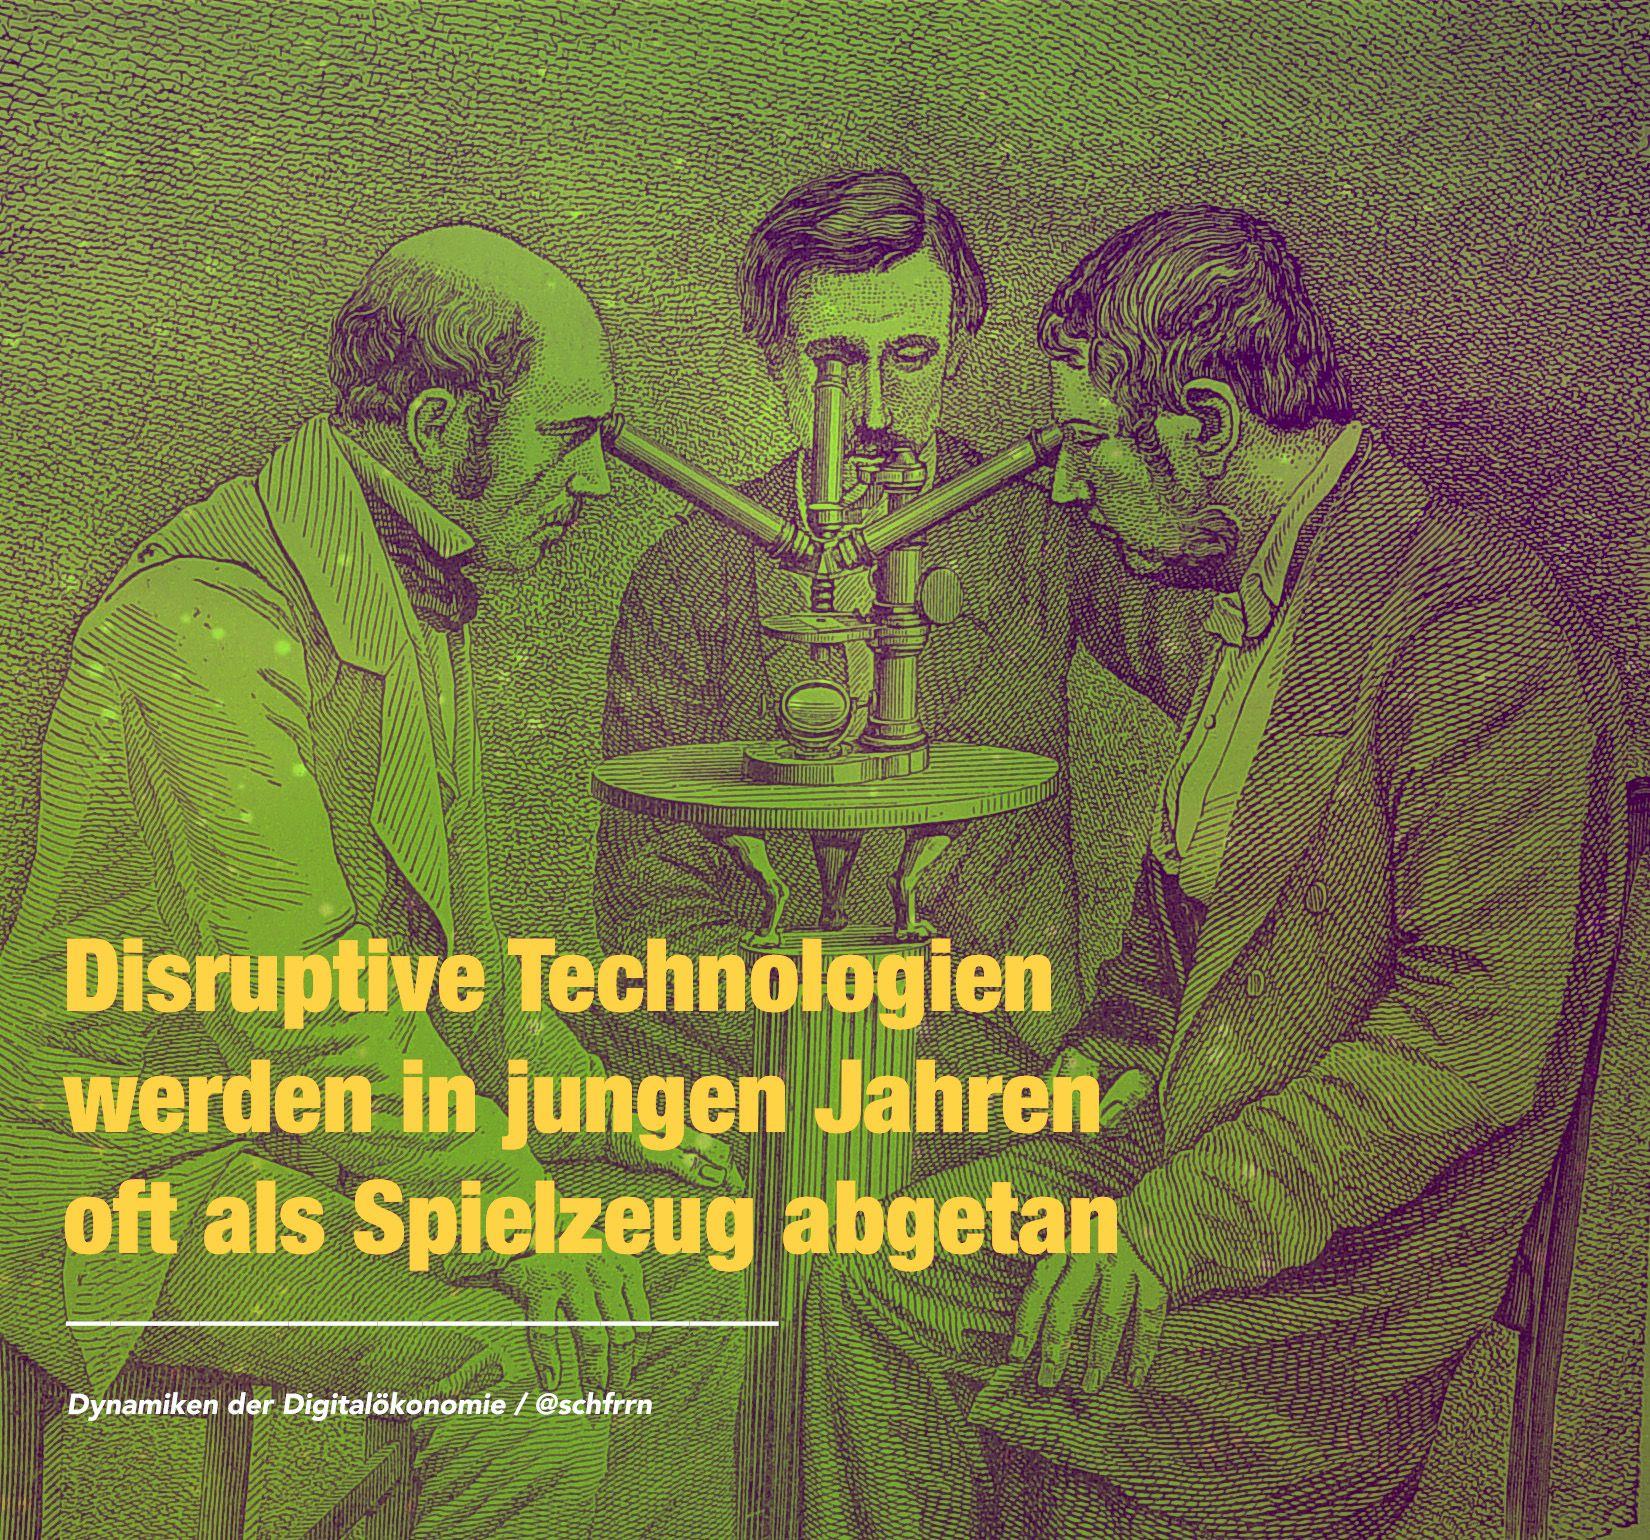 Disruptive Technologien werden in jungen Jahren oft als Spielzeug abgetan